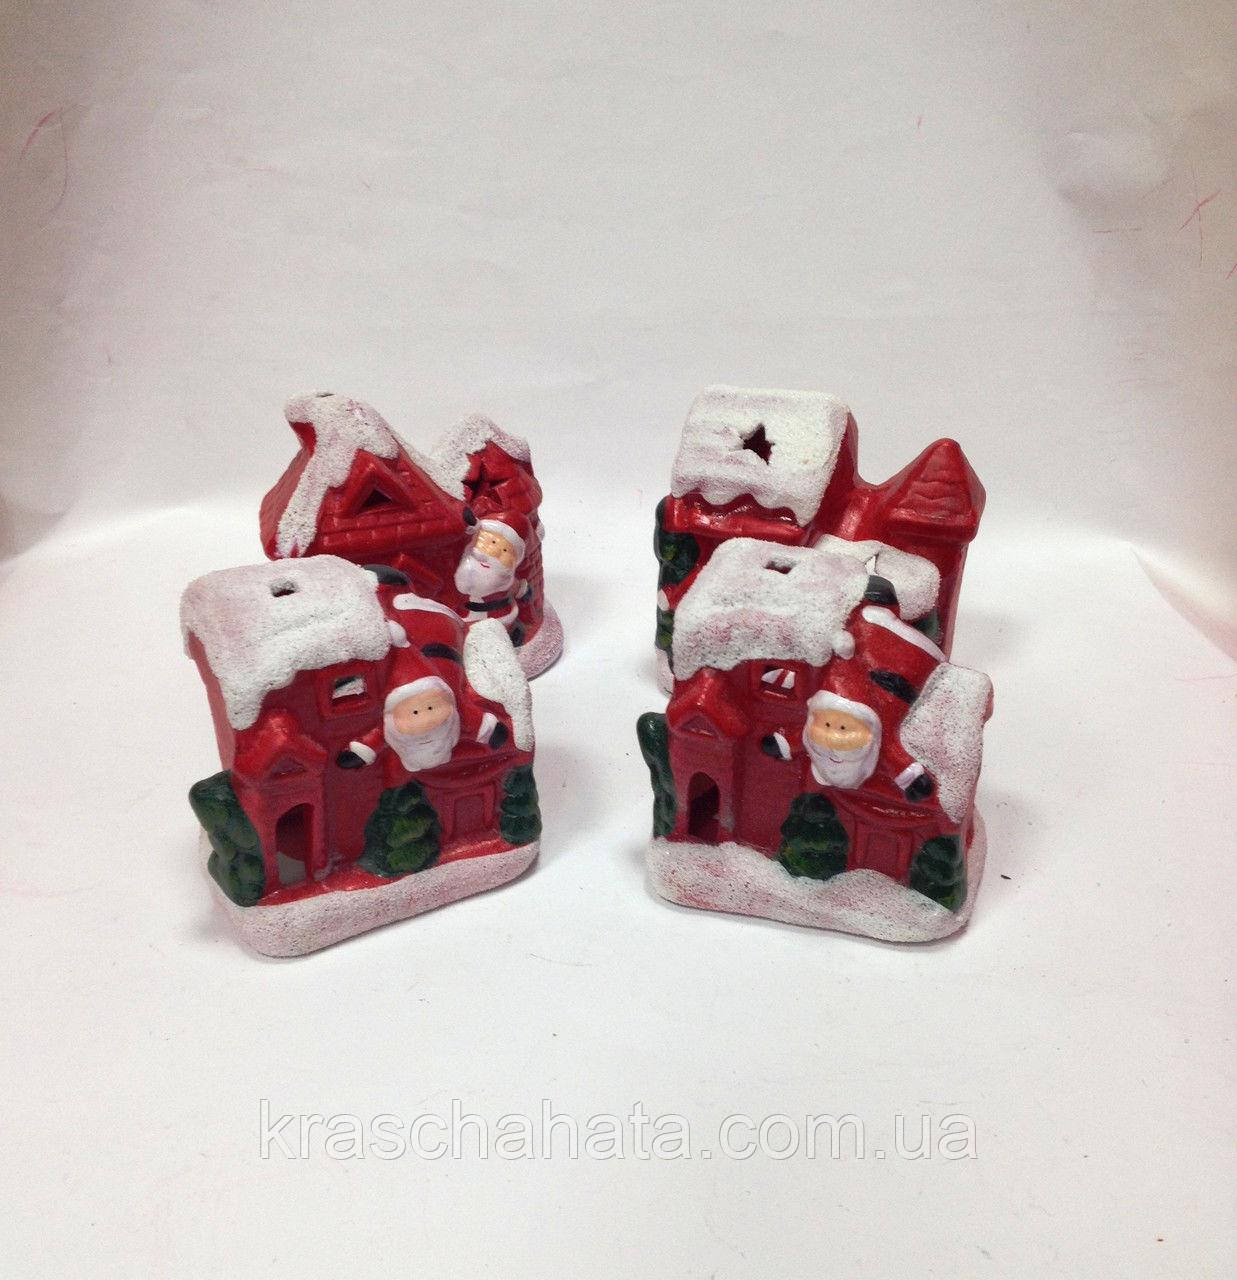 Статуэтка новогодняя, Домик Санты, подсвечник для лед свечи, новогодние сувениры, Днепр